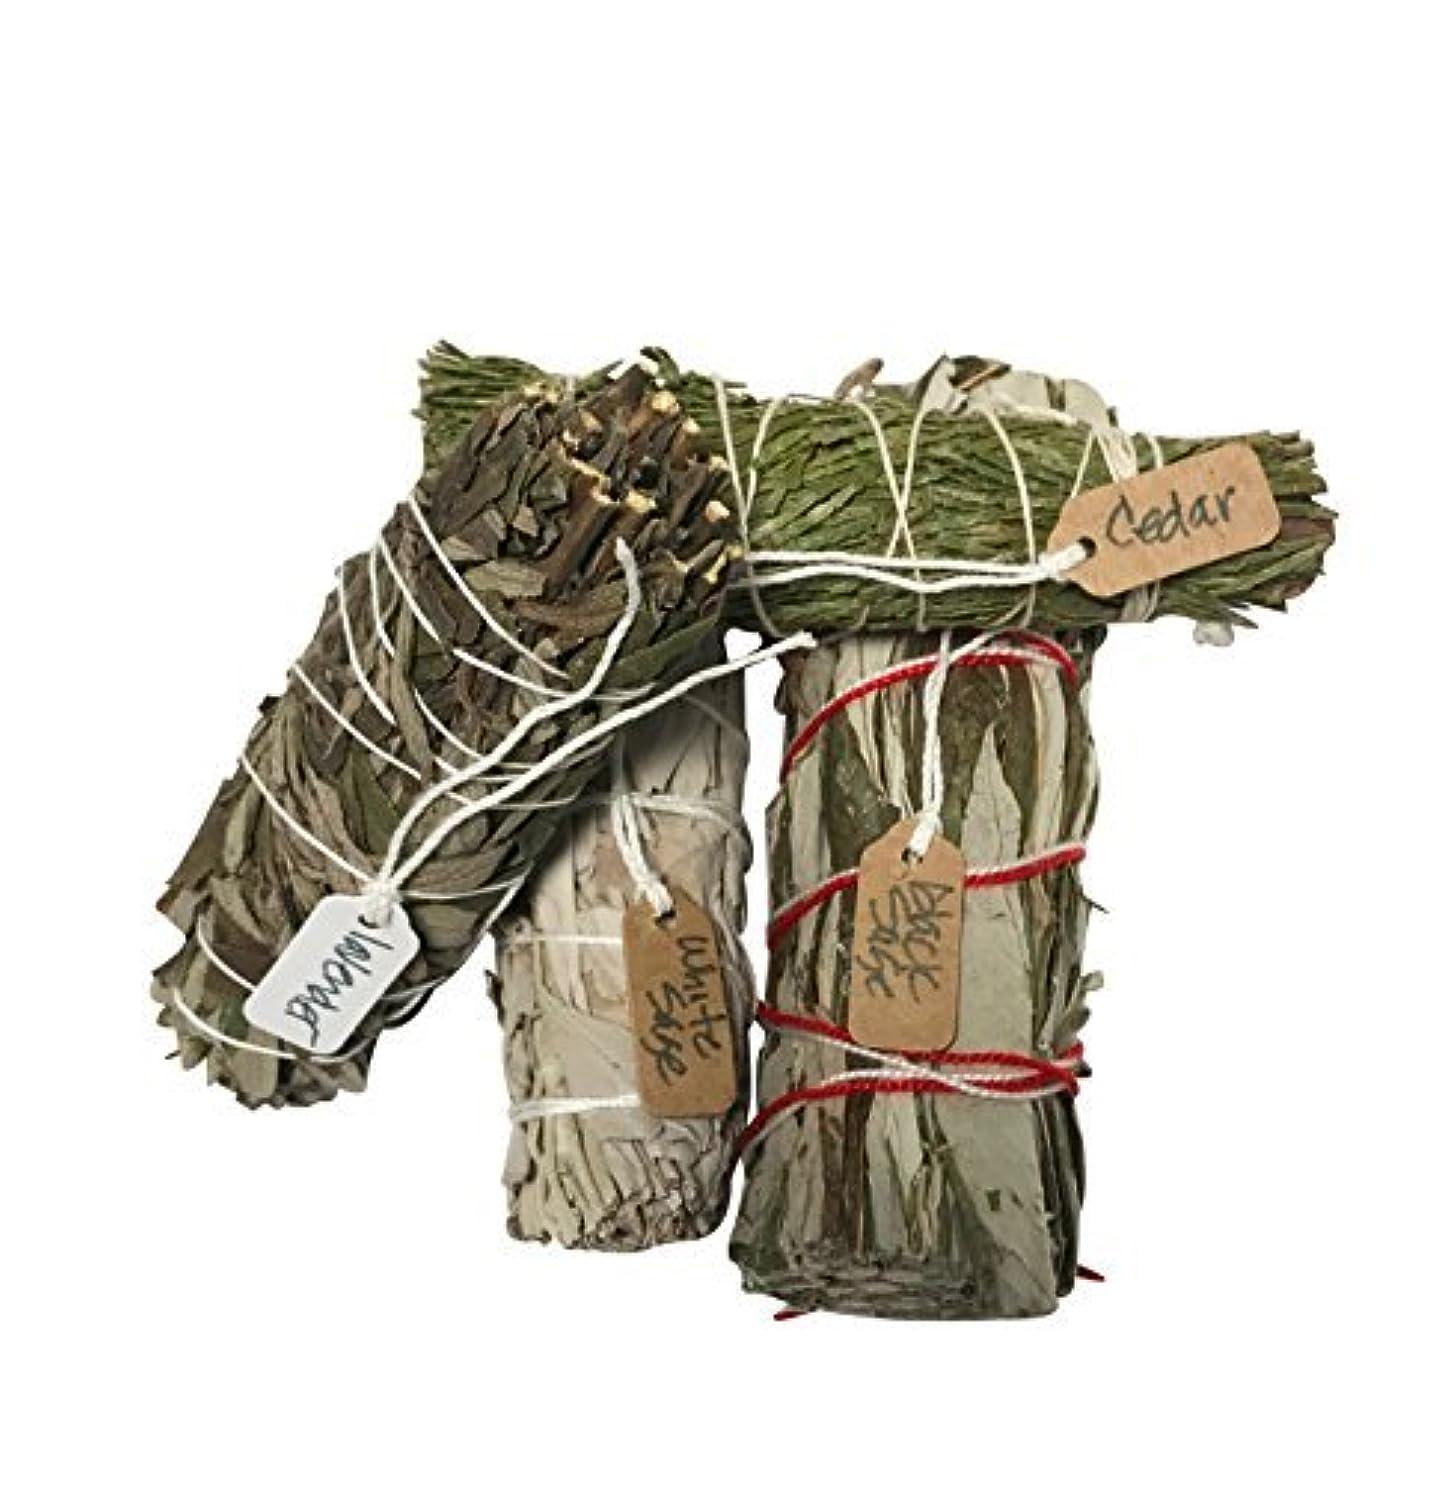 ライド微妙シェーバーさまざまなSmudge Sticksサンプル最高級のための機会ホワイトセージ、ラベンダー、杉、ブラックセージ1つの各4 Inches Long。